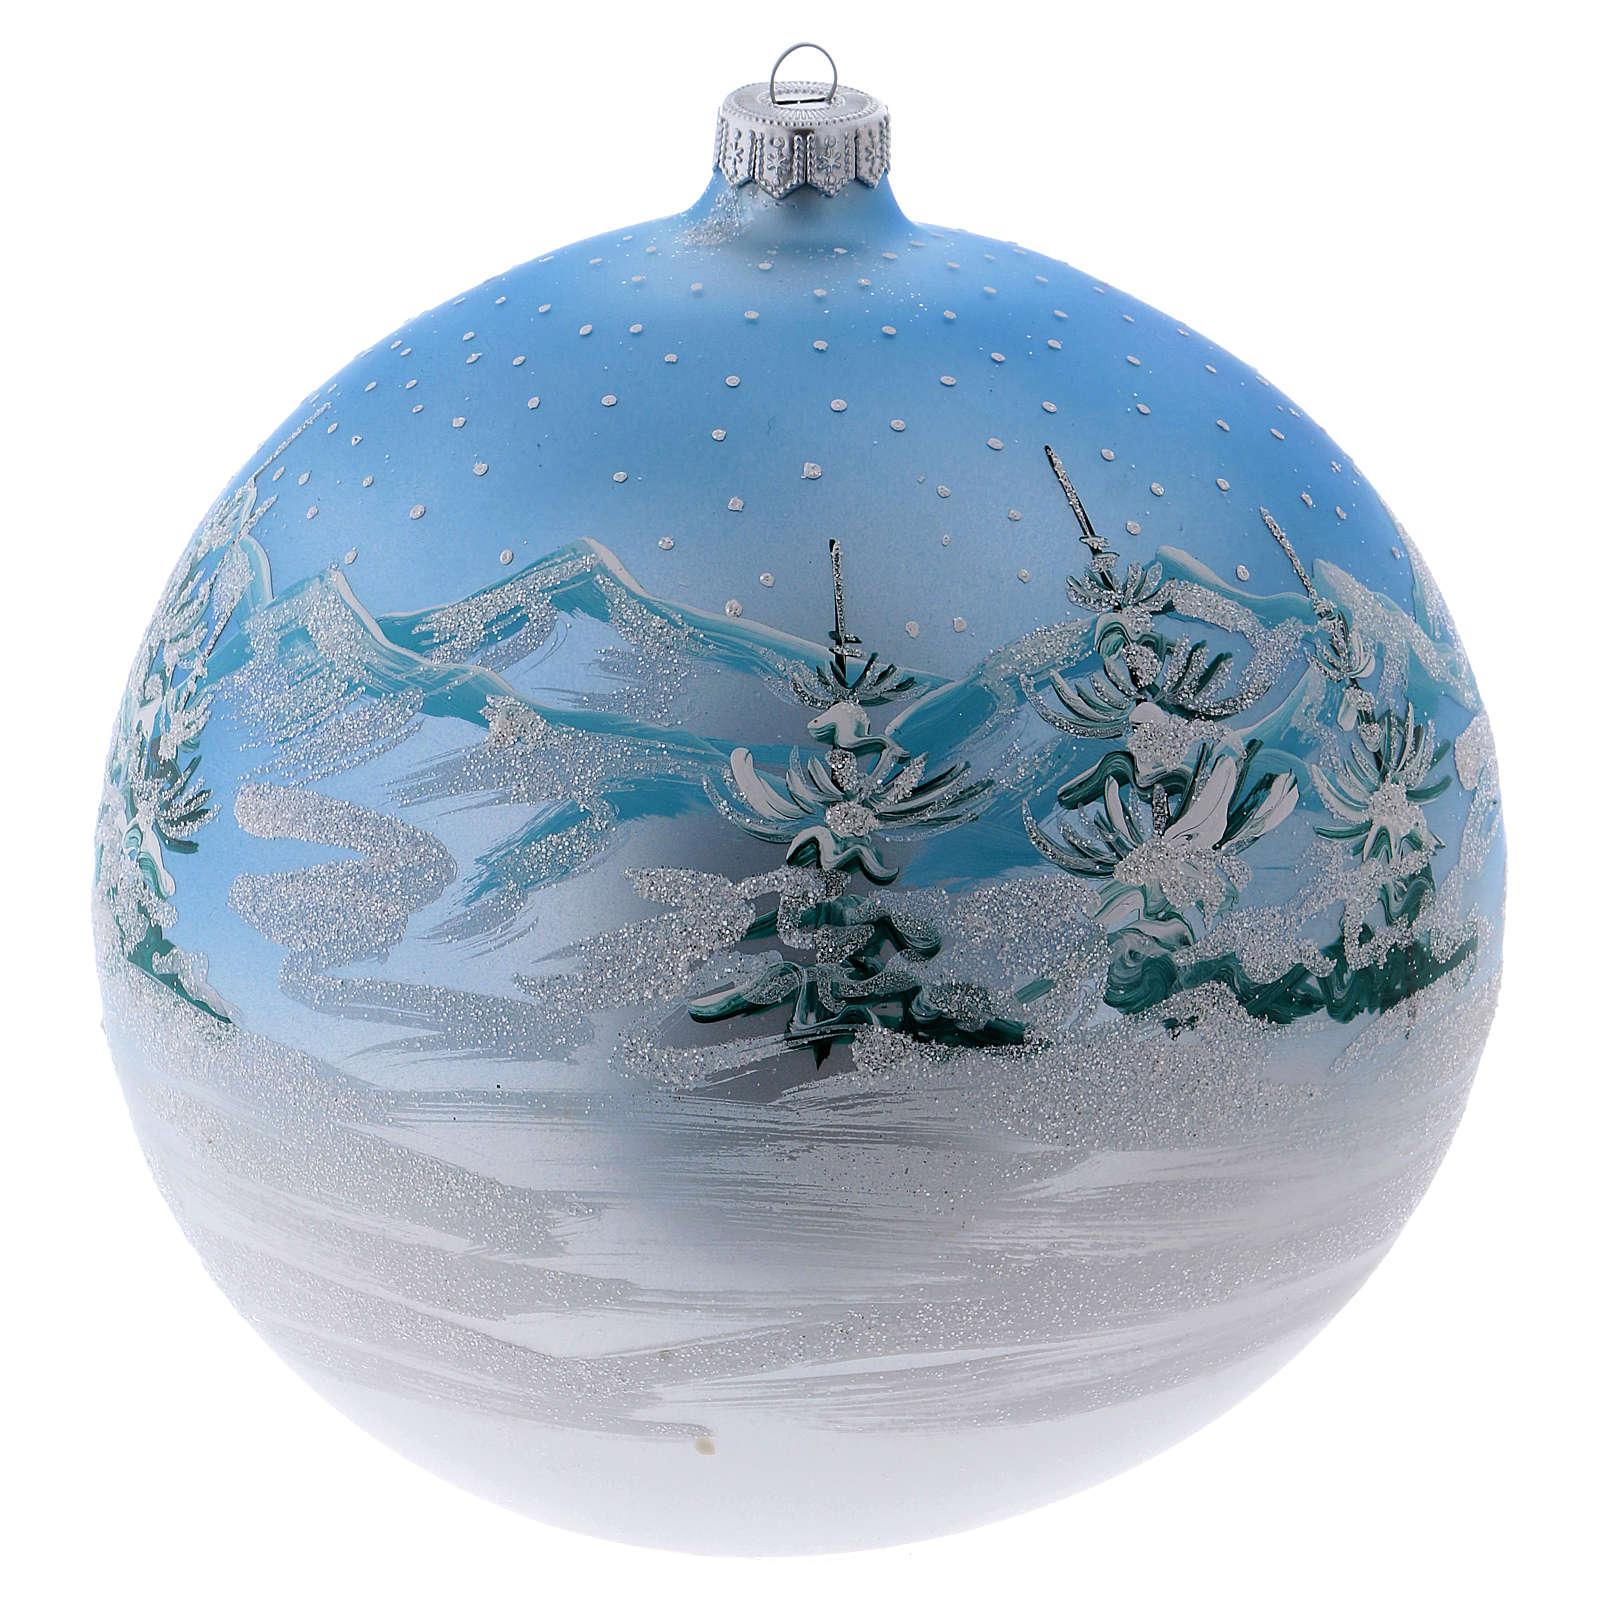 Bola de Navidad 200 mm pueblo escandinavo nevado vidrio soplado 4